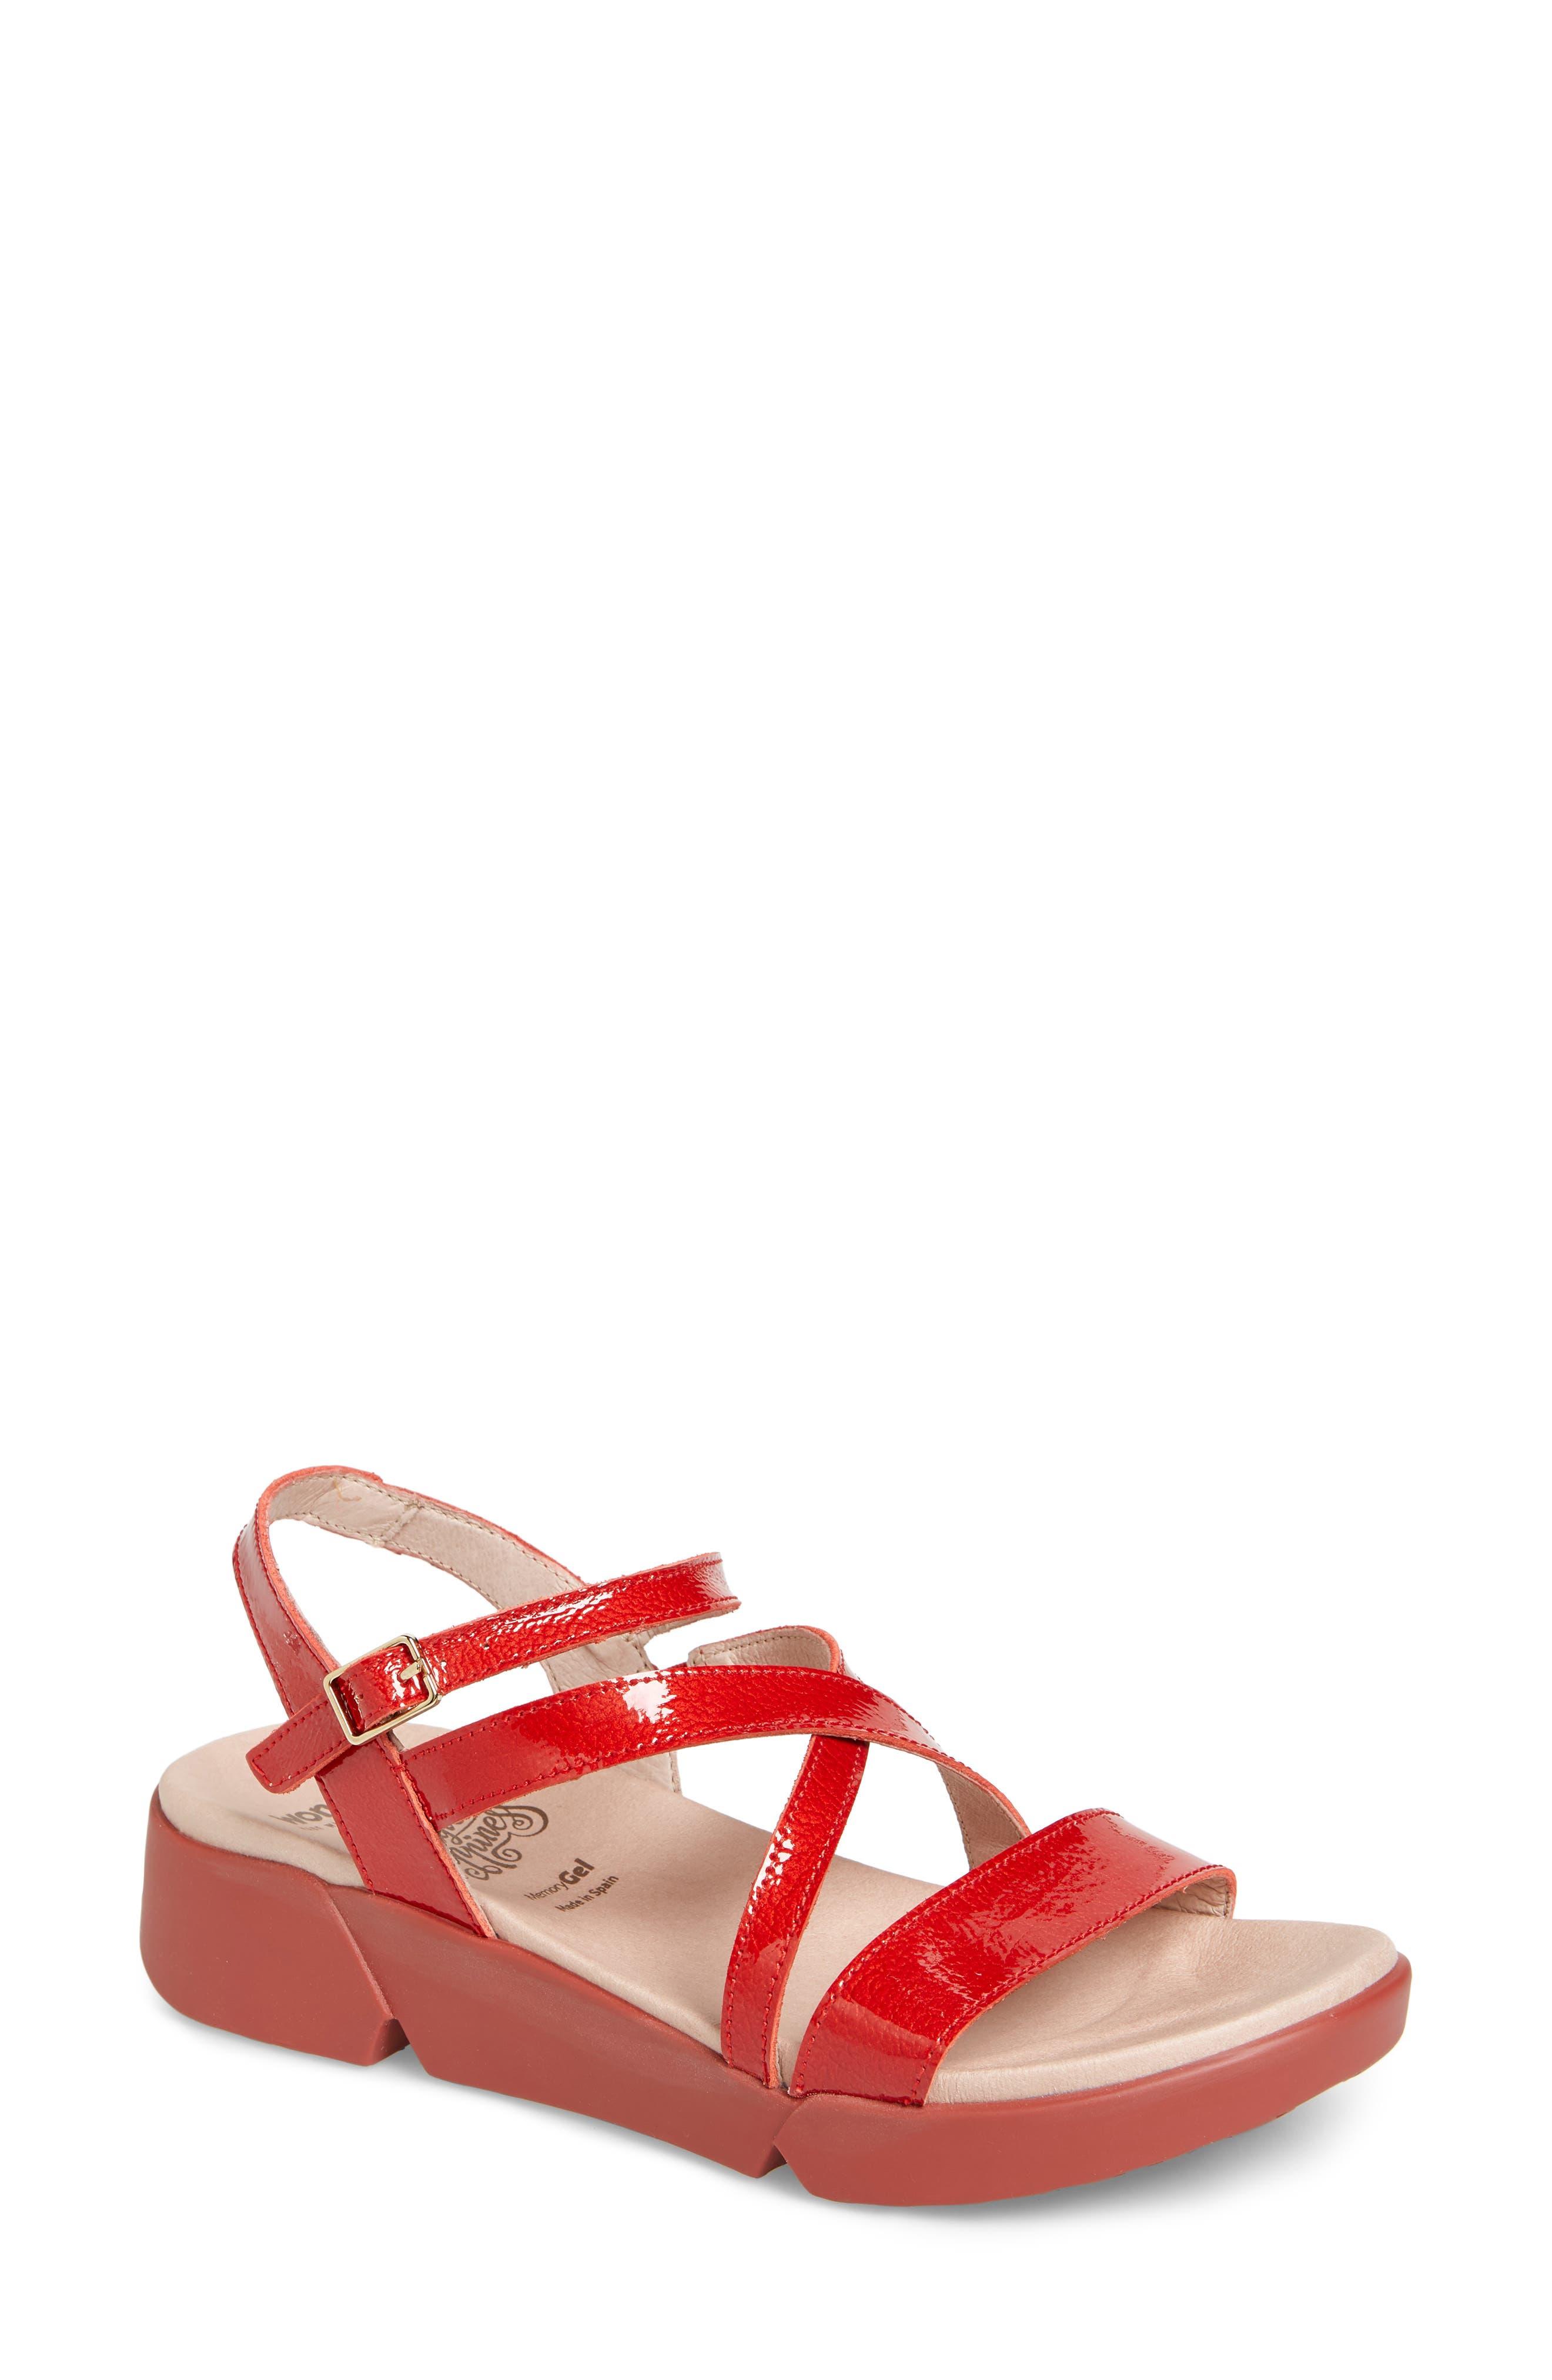 Wonders Wedge Sandal, Red